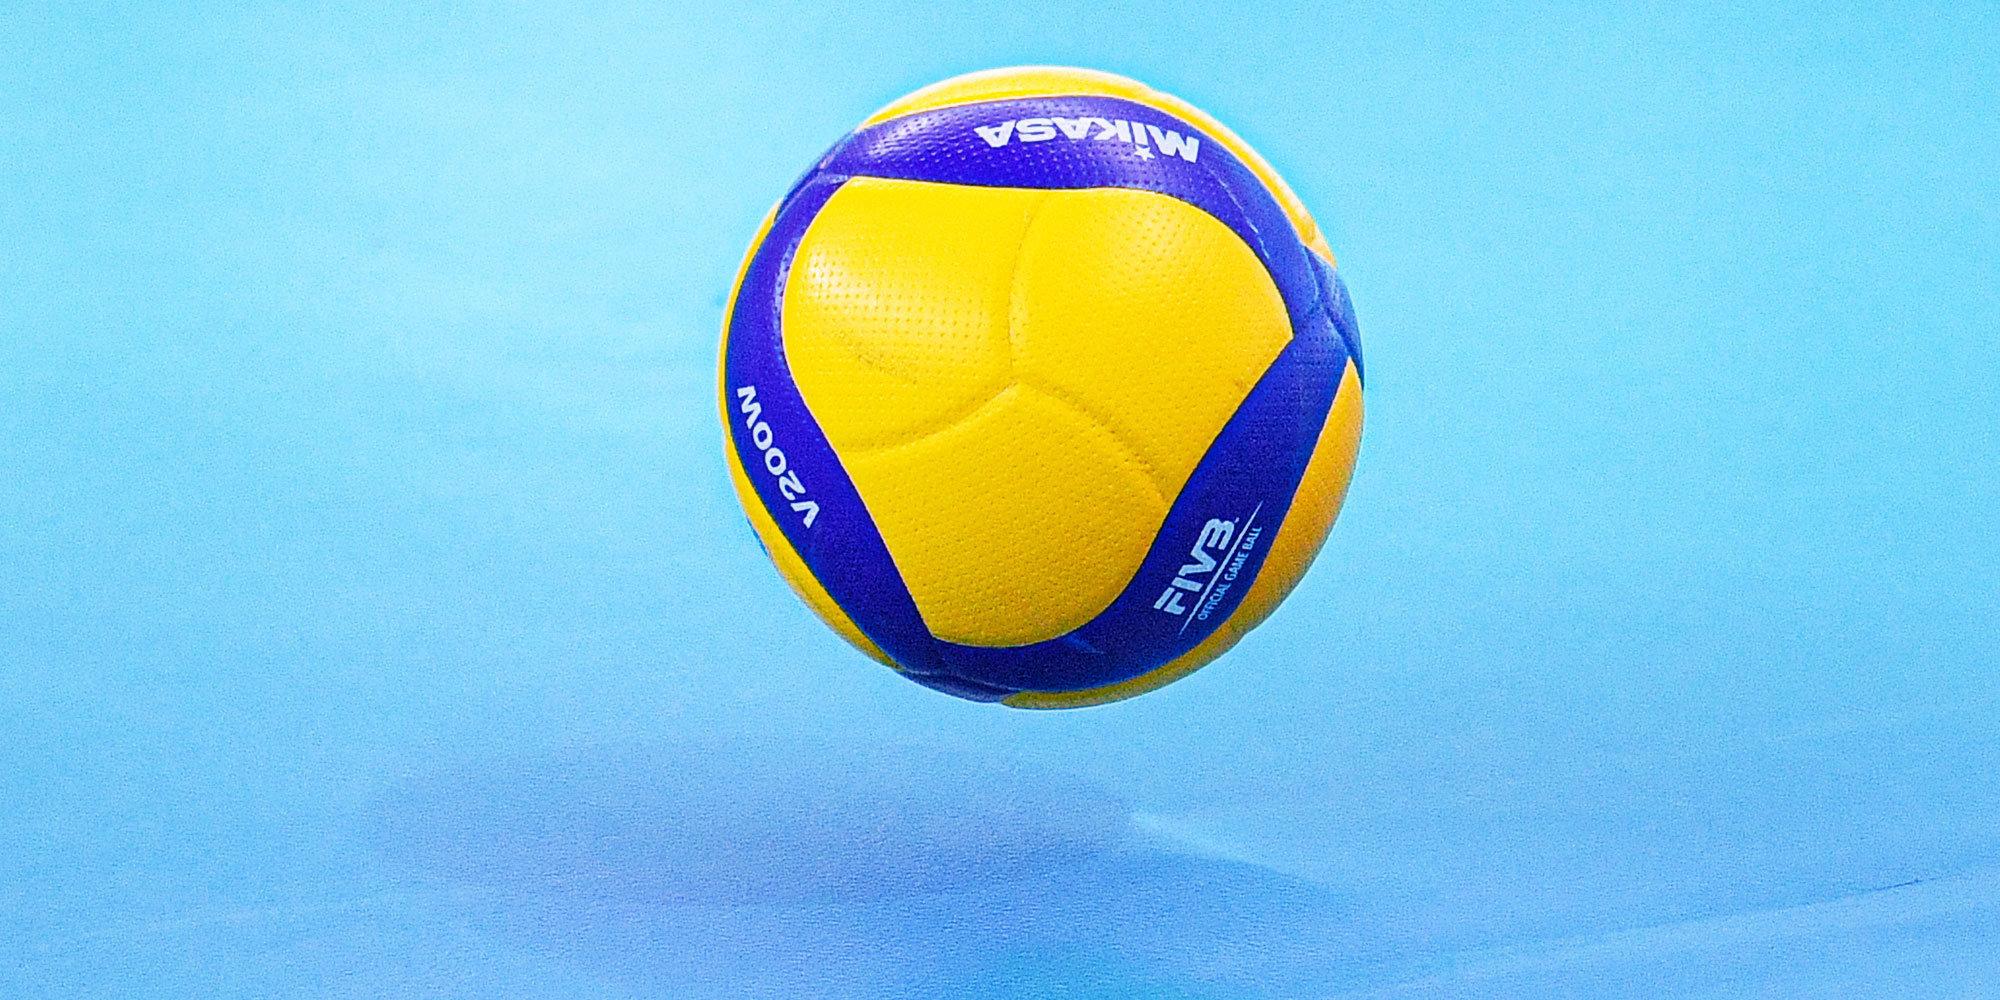 Российские волейболистки выиграли юниорский чемпионат мира